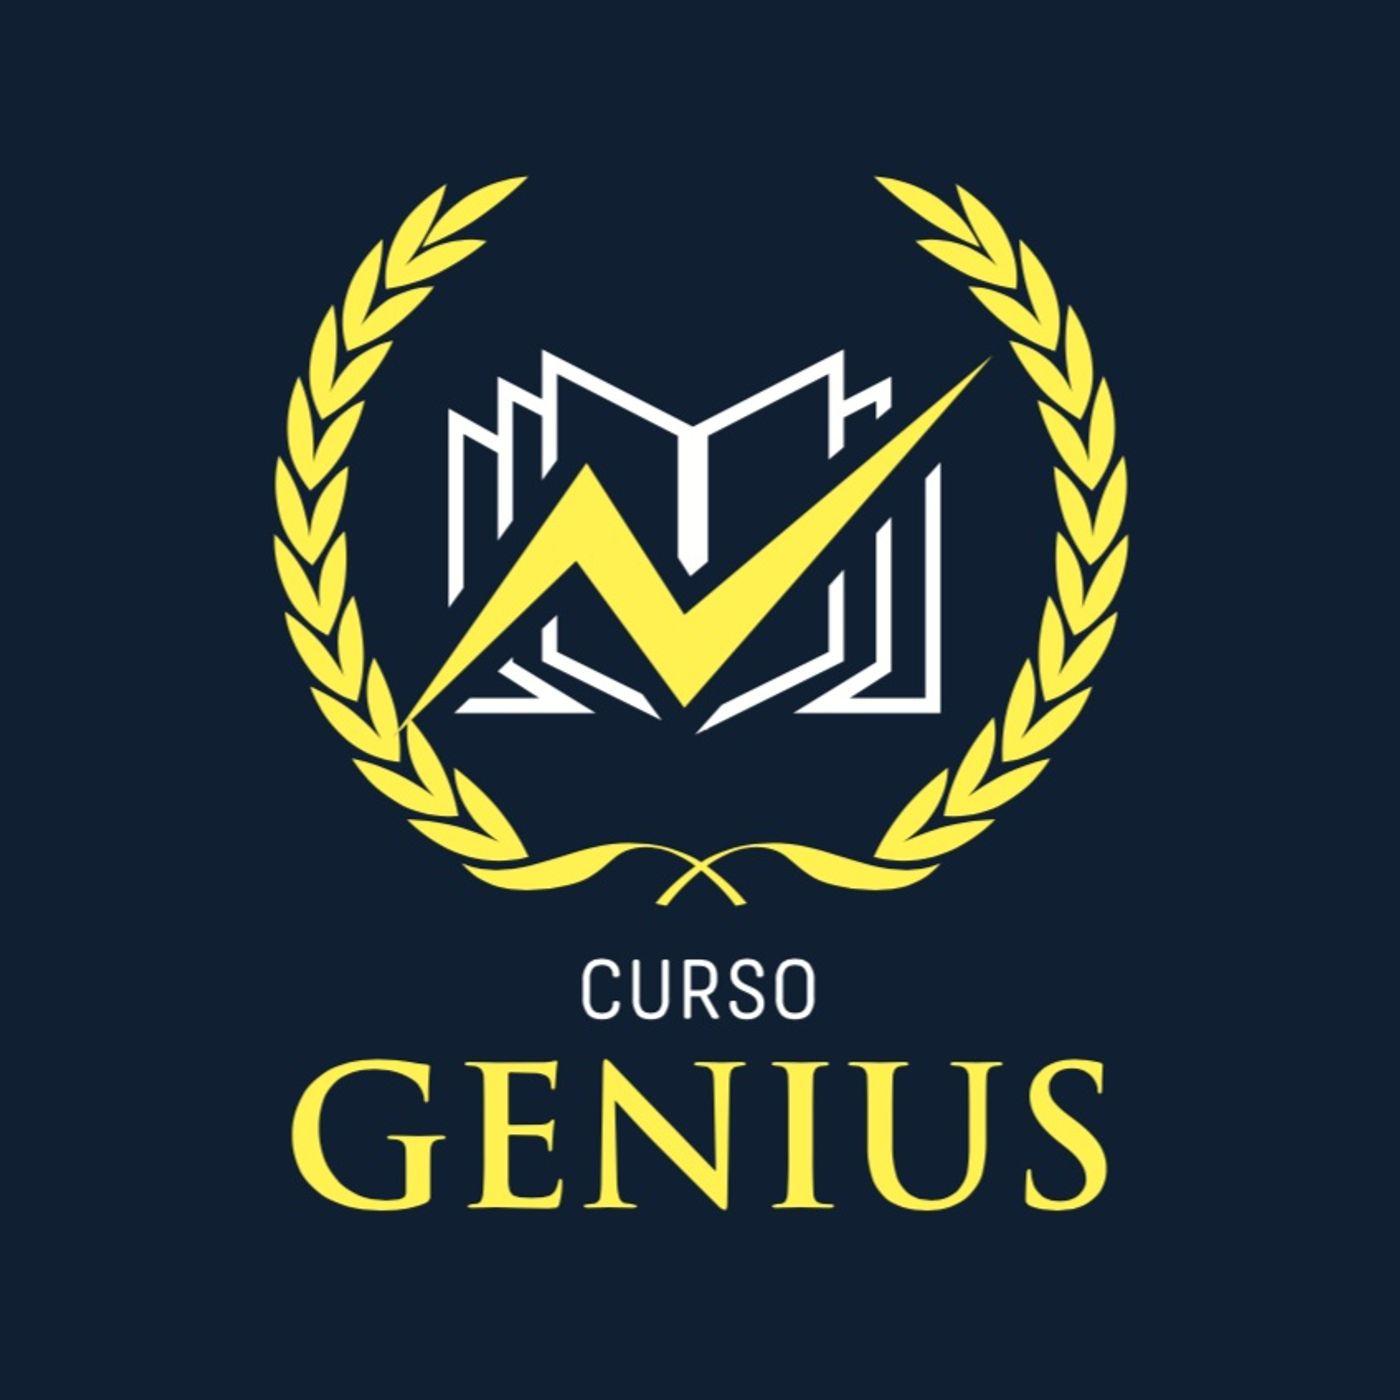 2. El Curso Genius da resultados?